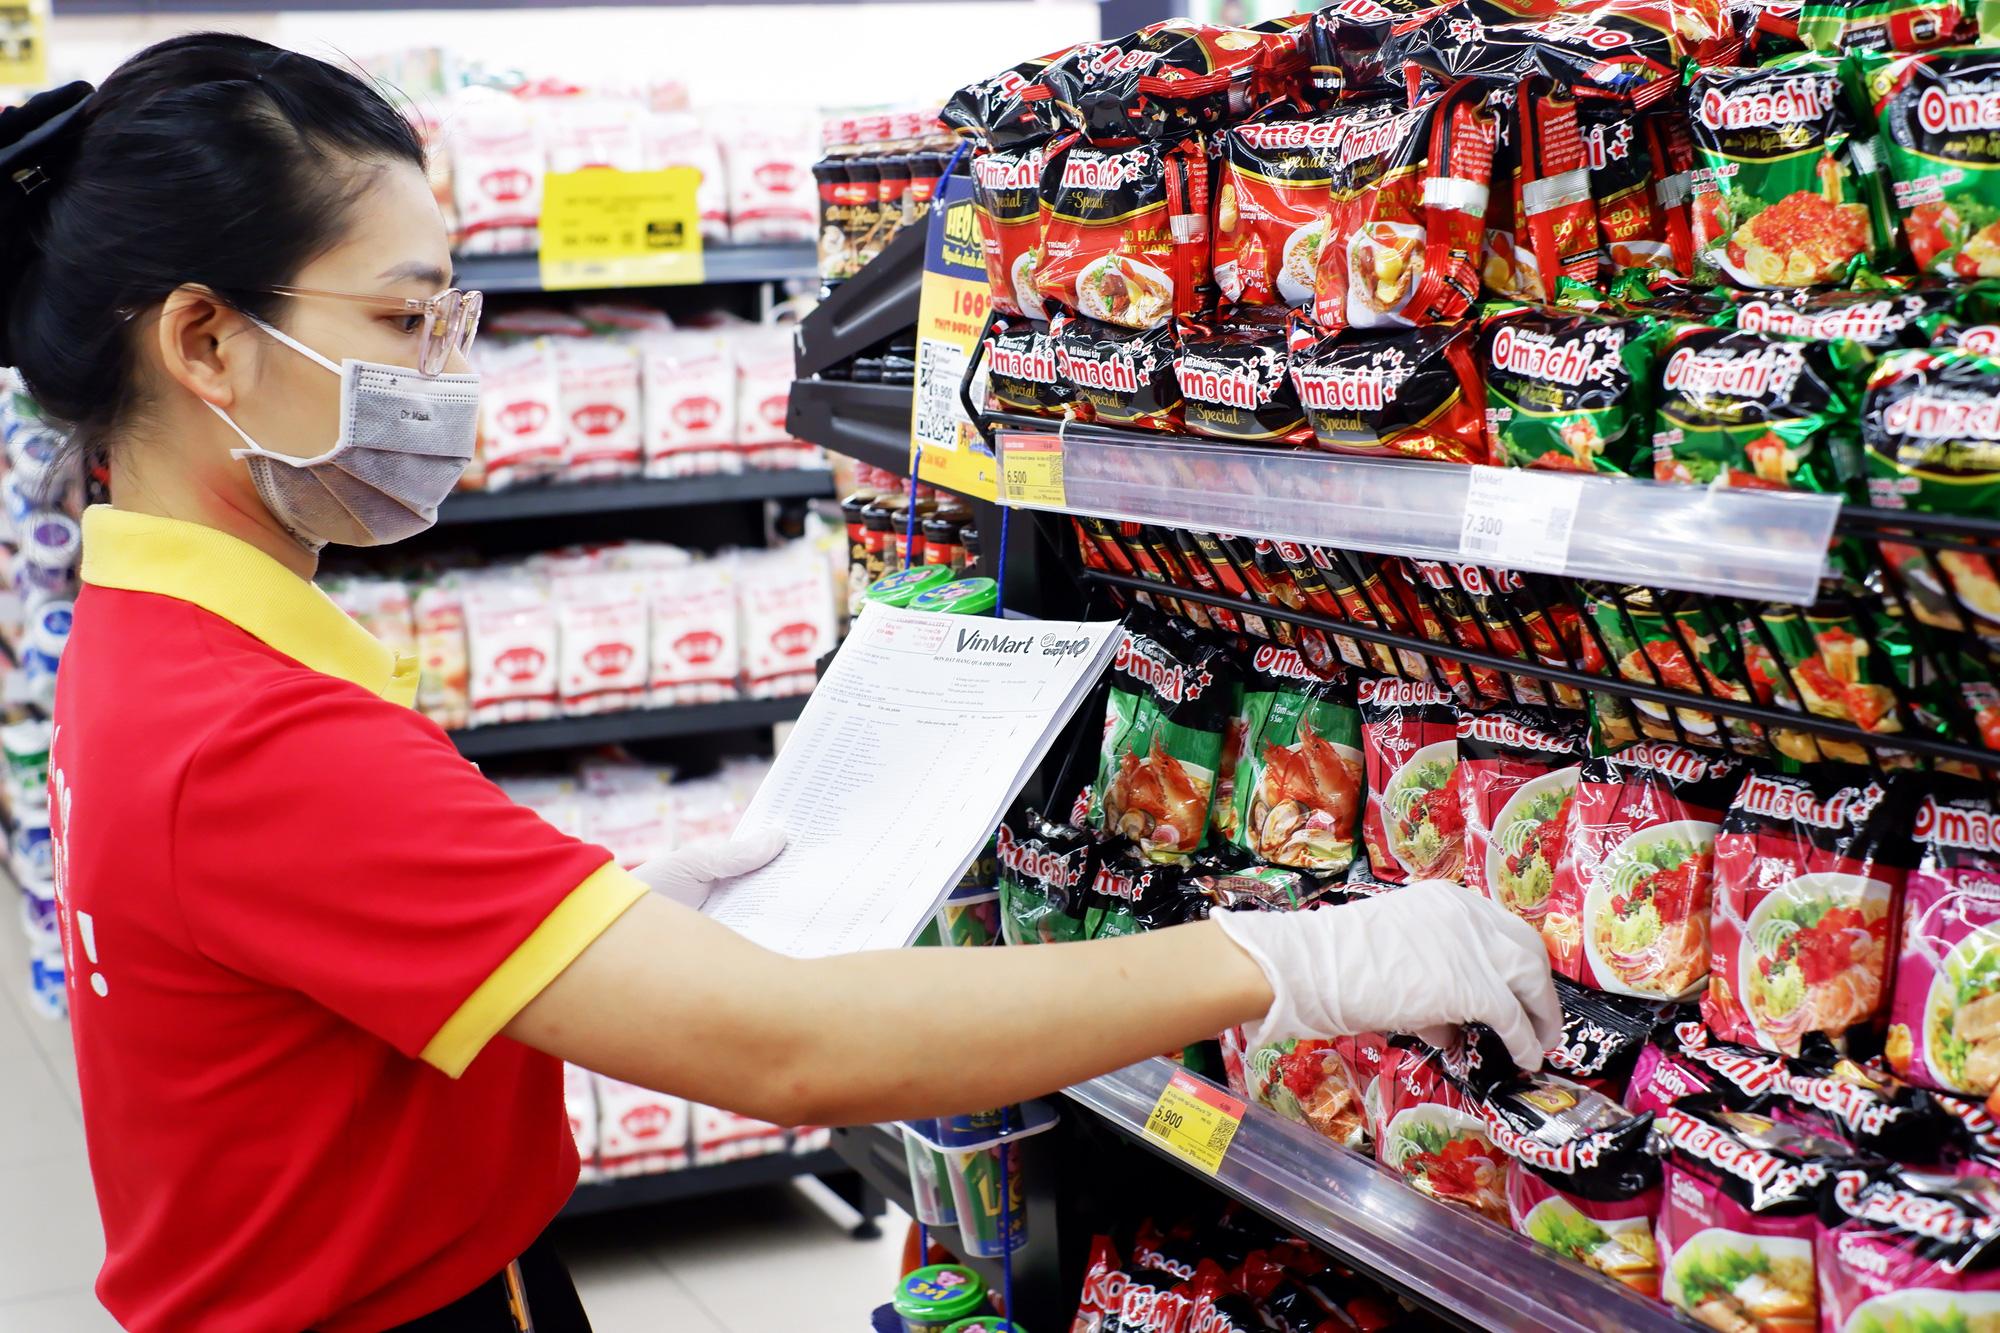 Đóng cửa 700 cửa hàng Vinmart, Masan vẫn ghi nhận doanh thu và tăng trưởng kỷ lục trong quý 1/2021 - Ảnh 3.